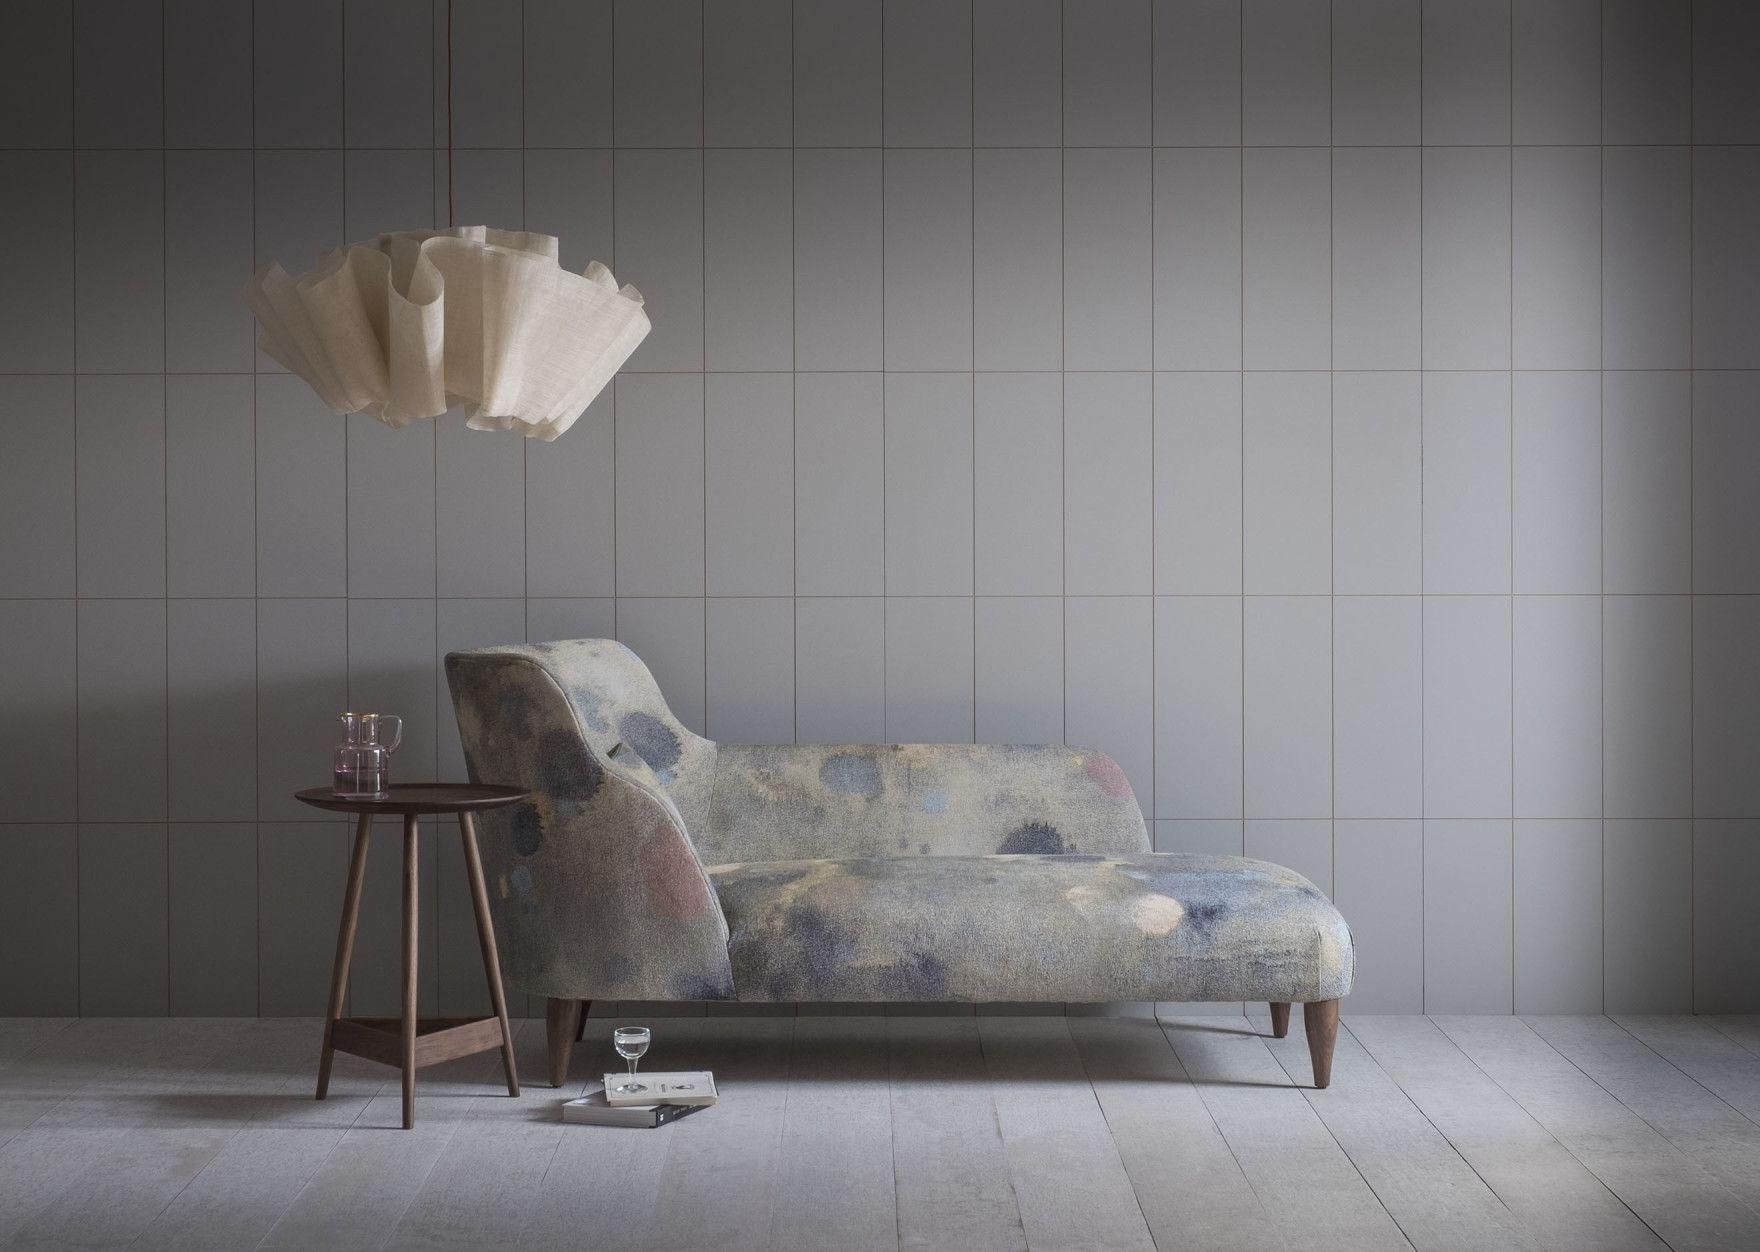 Fantástico Muebles Comfortshome Colección de Imágenes - Muebles Para ...